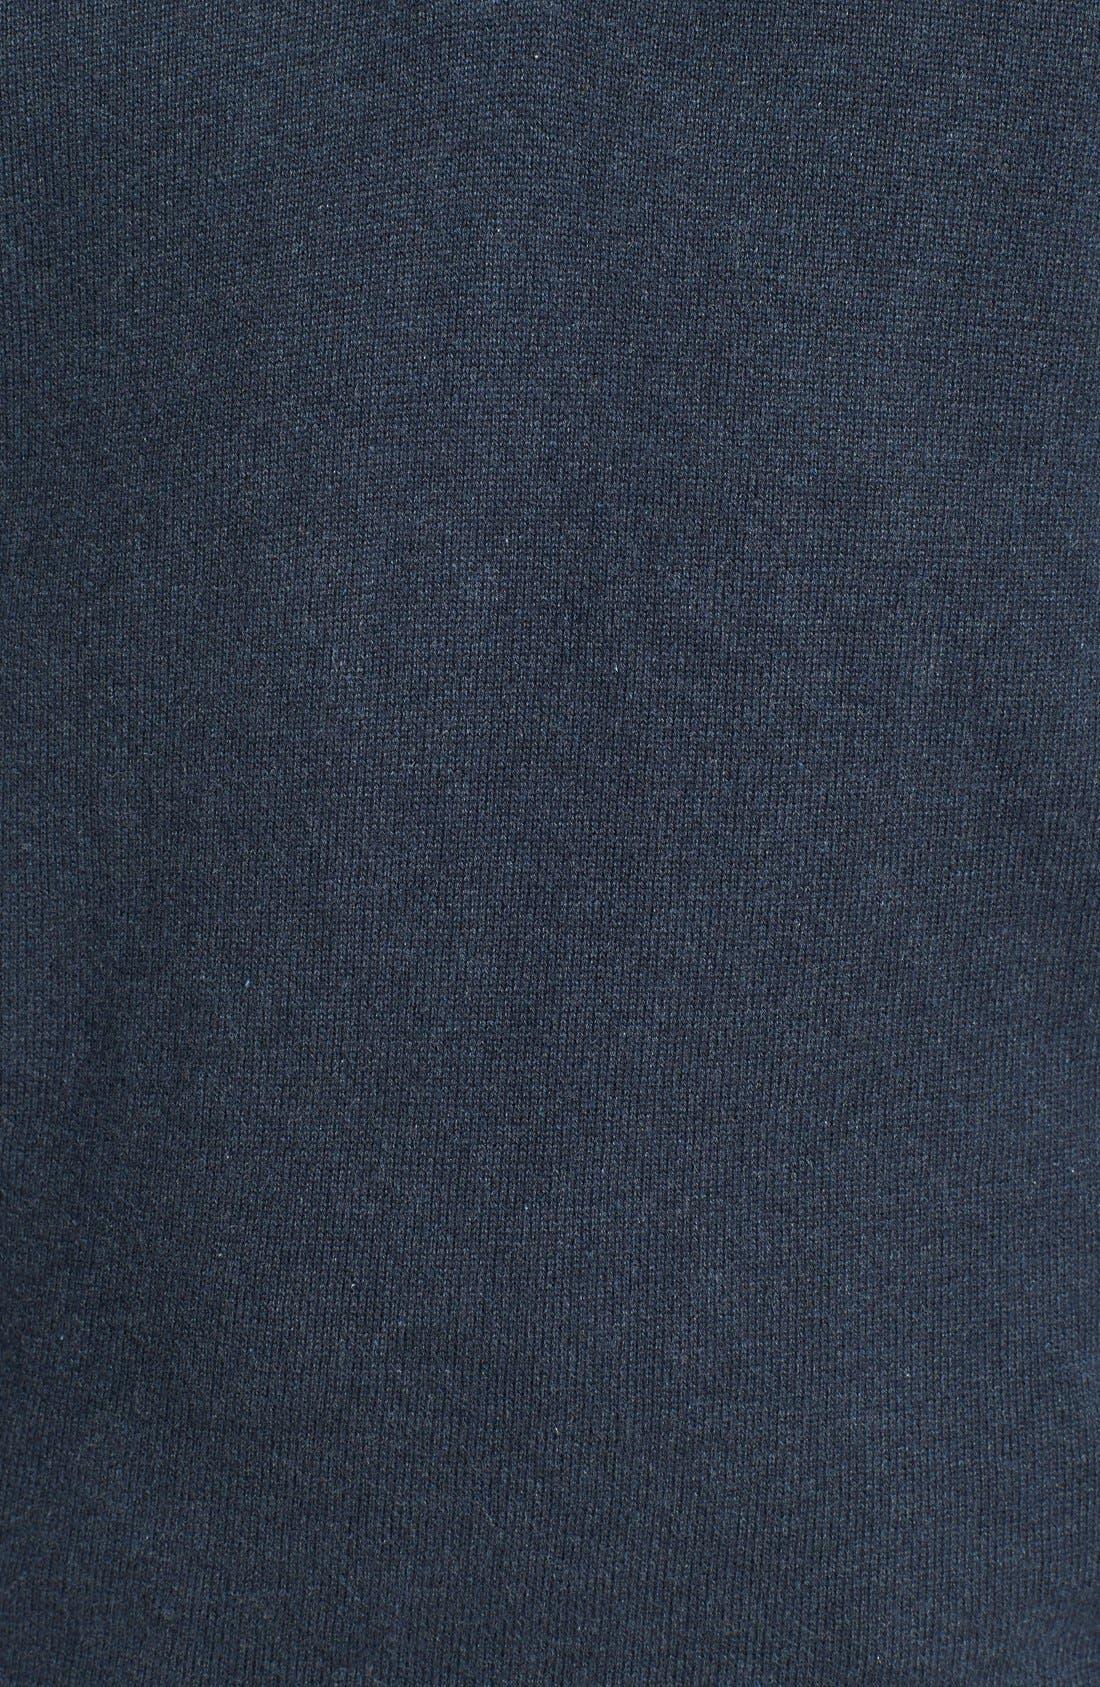 Broadview Half Zip Sweater,                             Alternate thumbnail 4, color,                             480